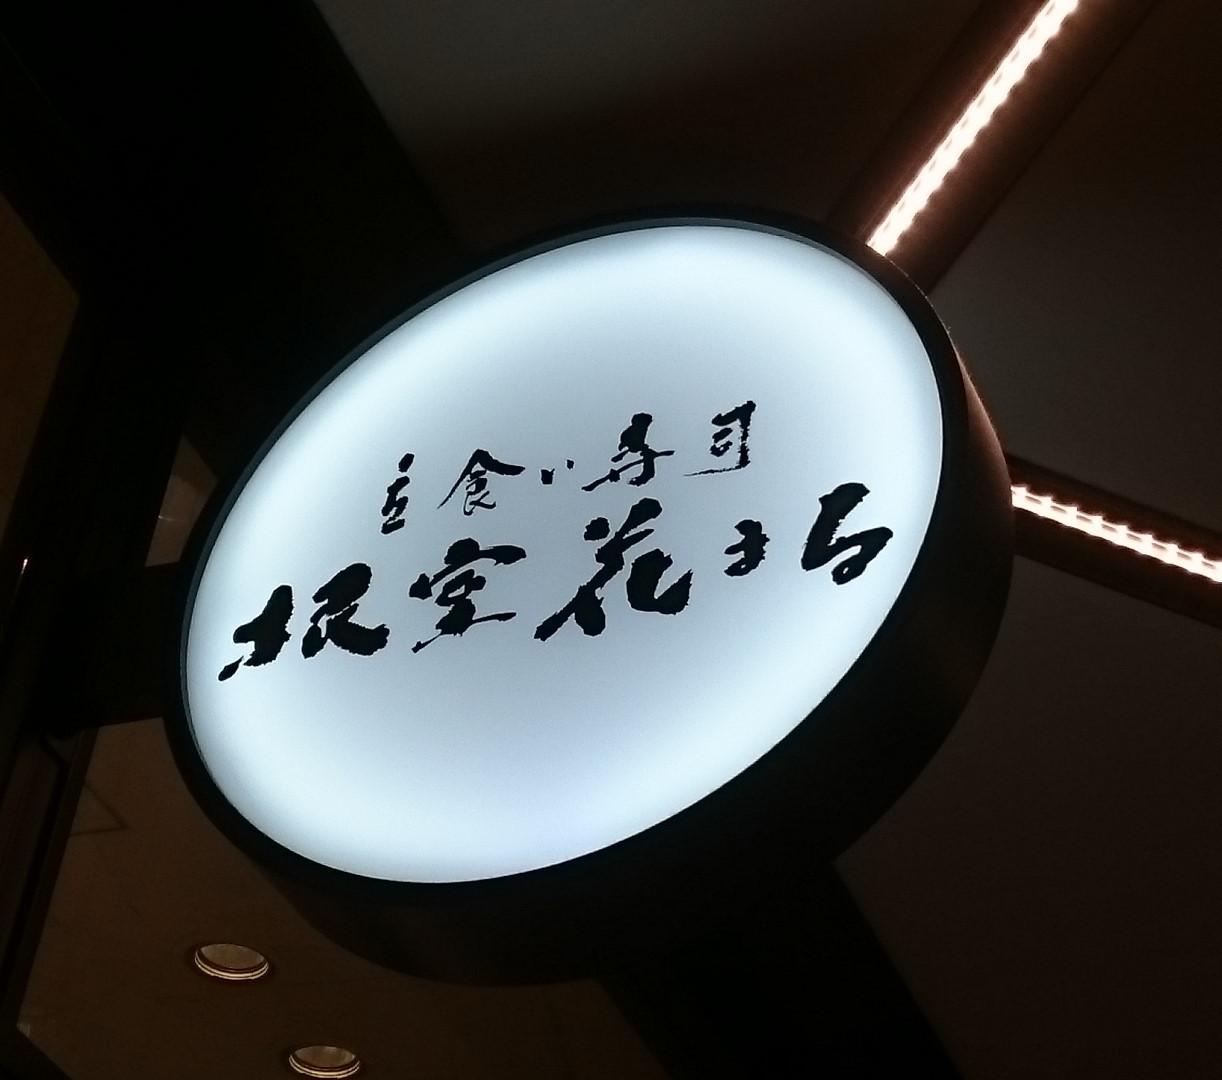 銀座で立ち食い鮨♪ 根室花まる_c0100865_08280579.jpg